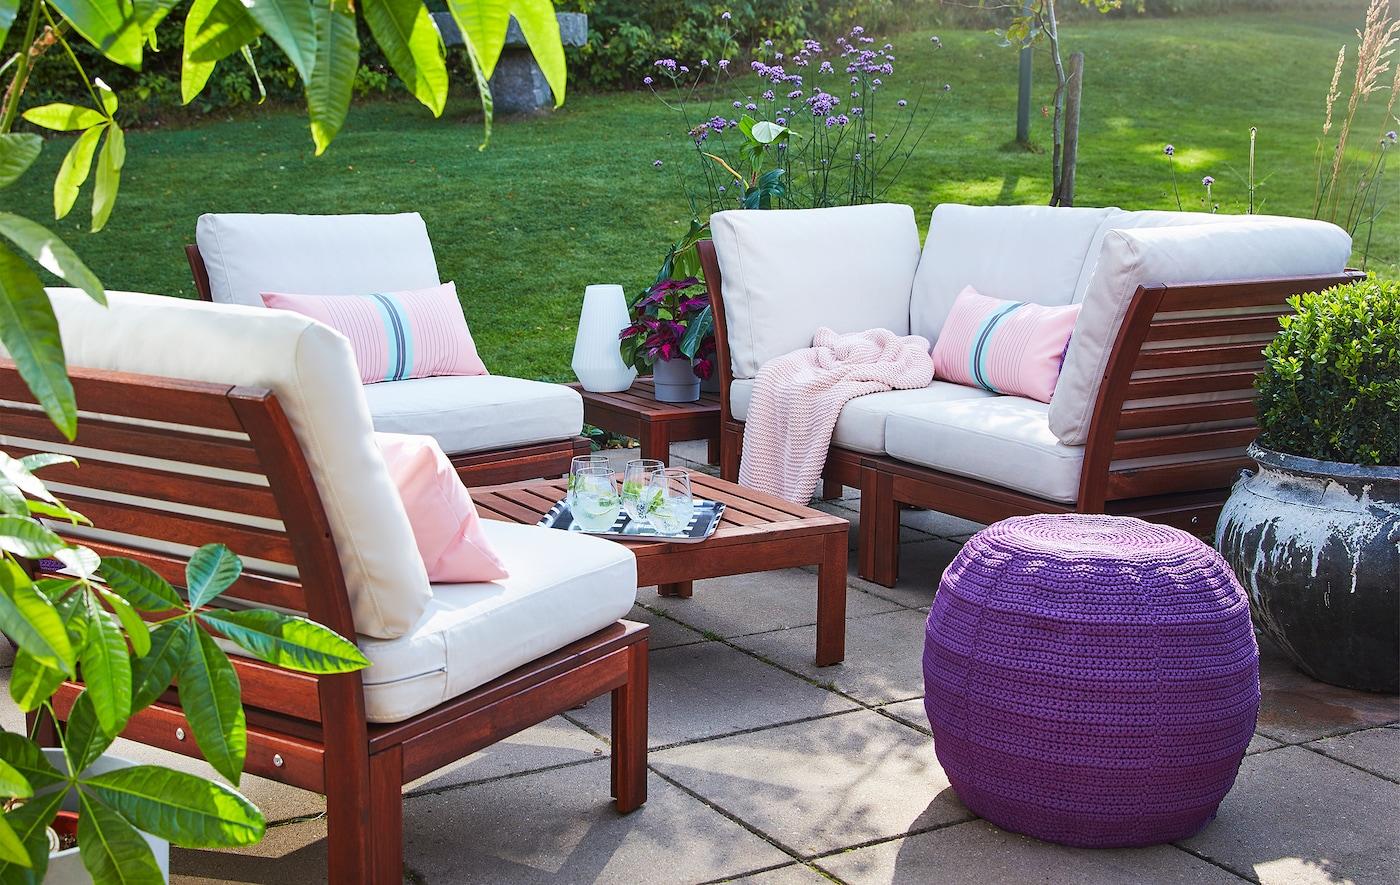 Holzmöbel für draußen mit weißen und rosafarbenen Polstern auf einer grau gepflasterten Terrasse